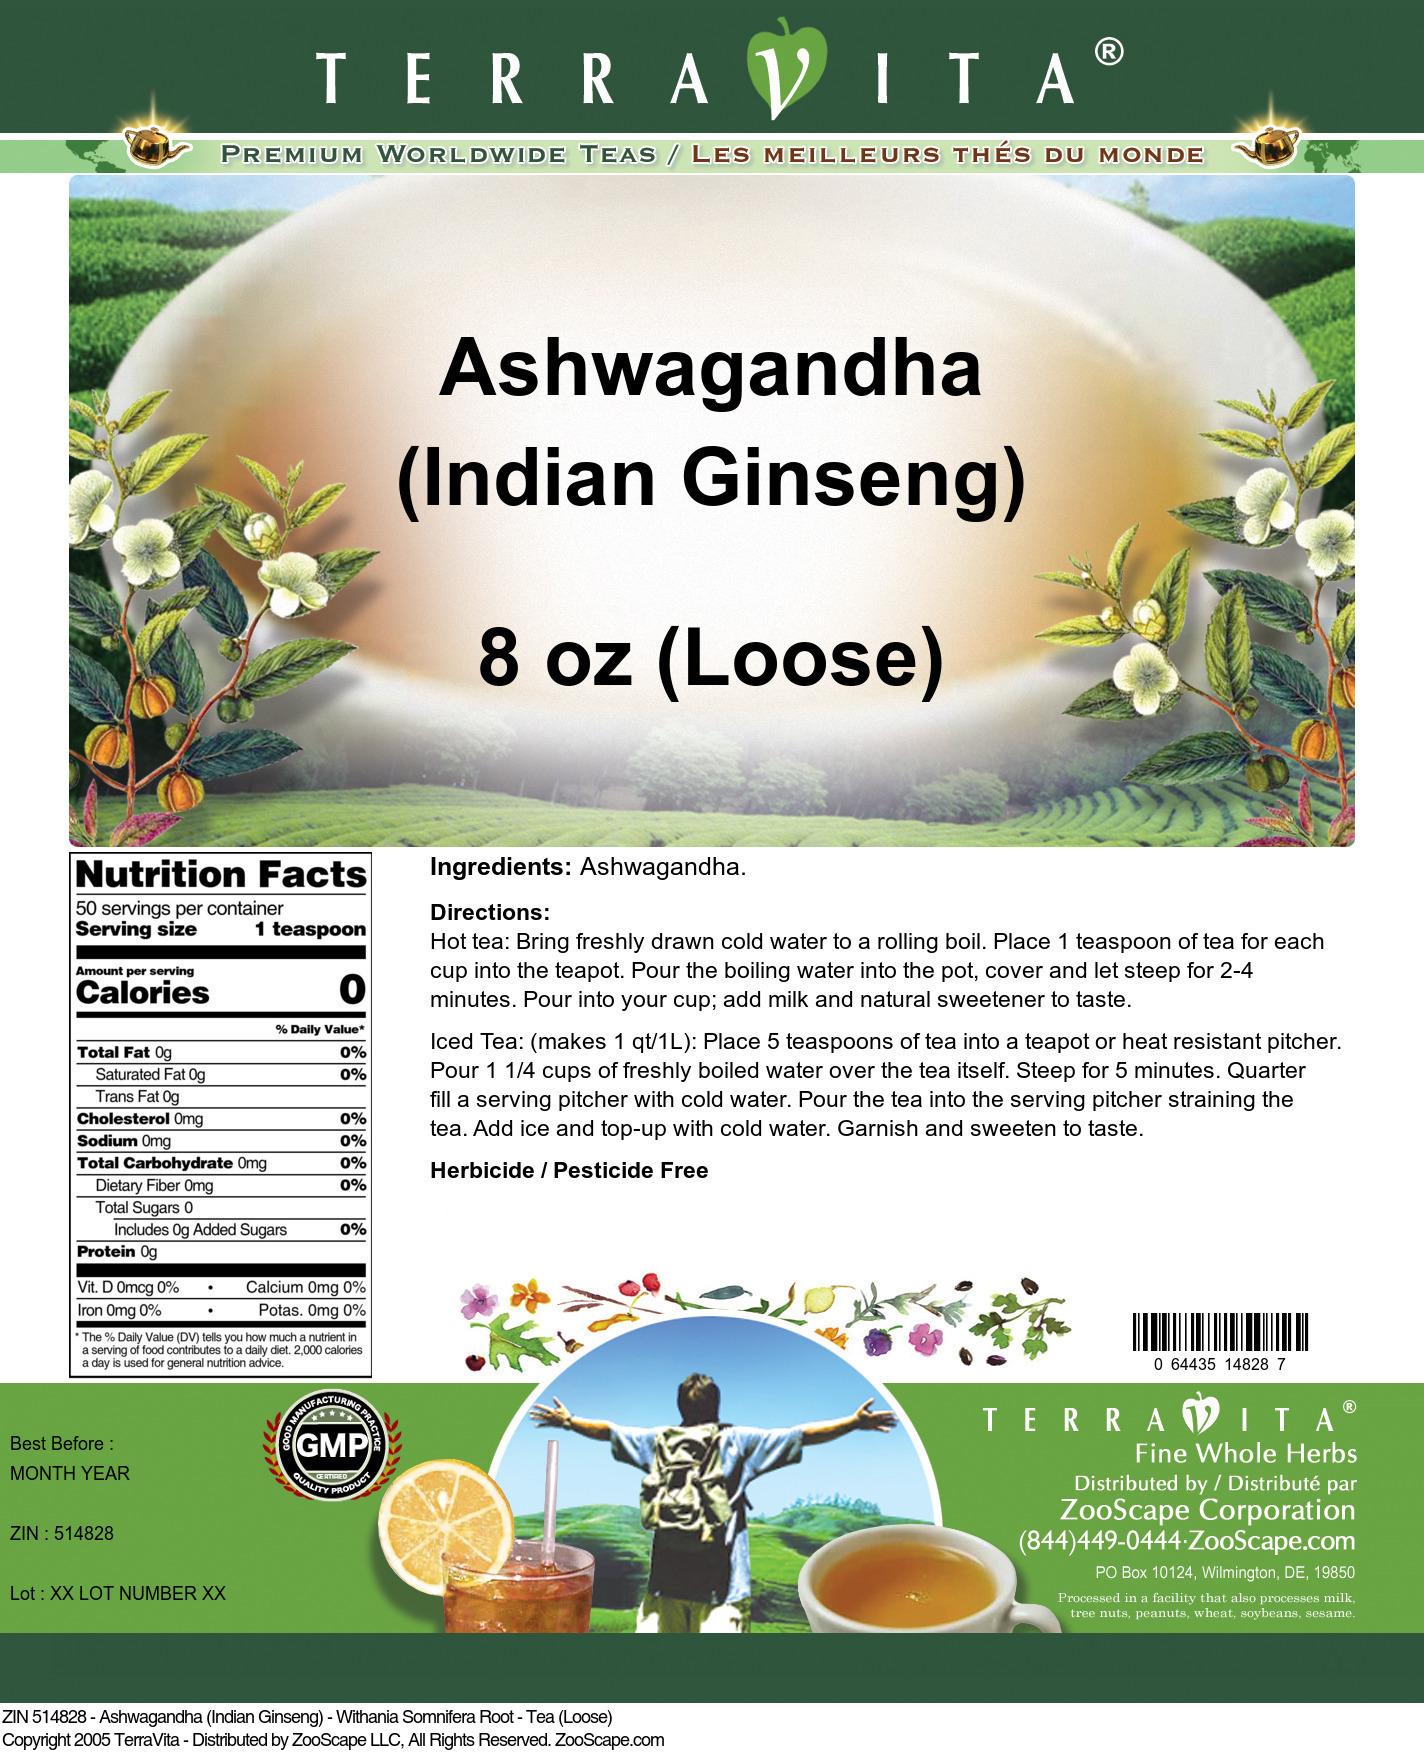 Ashwagandha (Indian Ginseng) - Withania Somnifera Root - Tea (Loose)